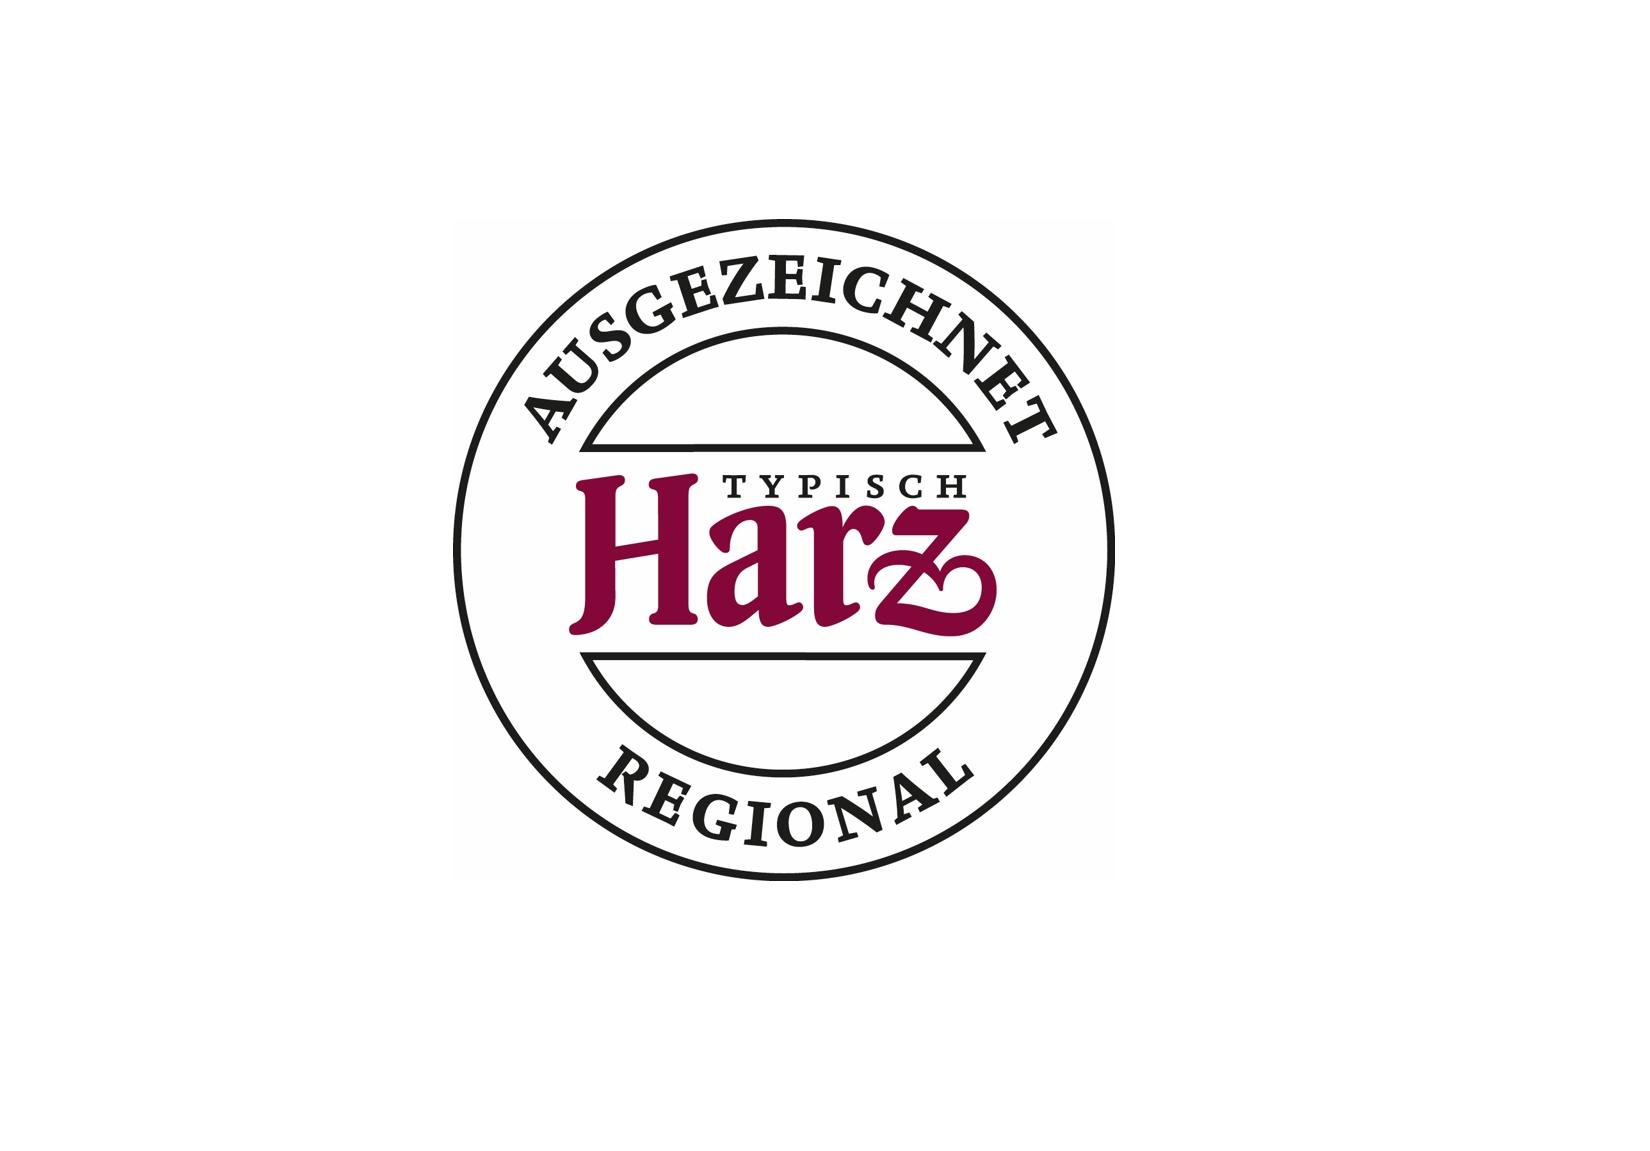 1-typisch-harz-siegellogo